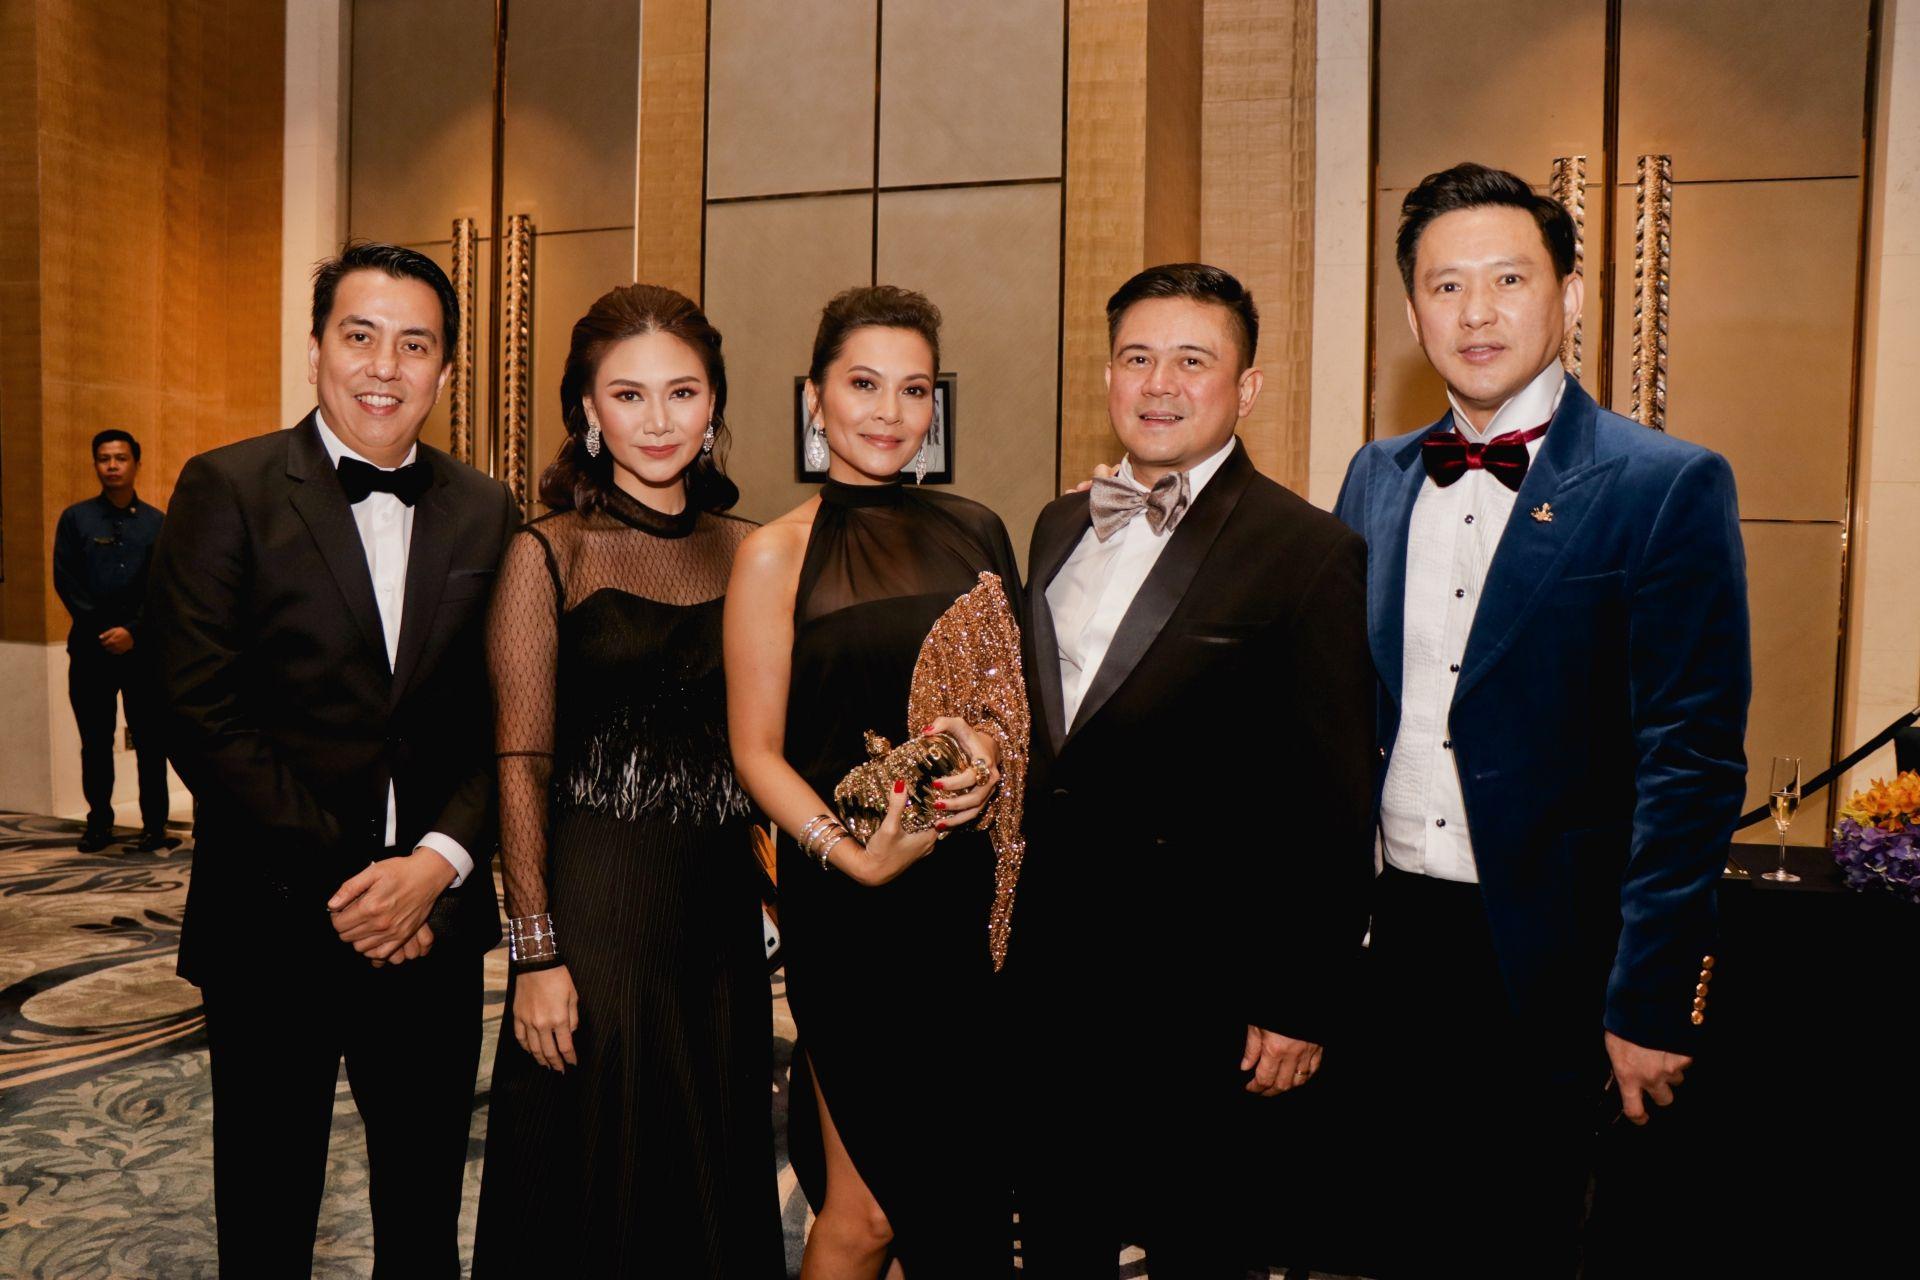 Brian and Kai Lim, Mike and Charmaine Lagman